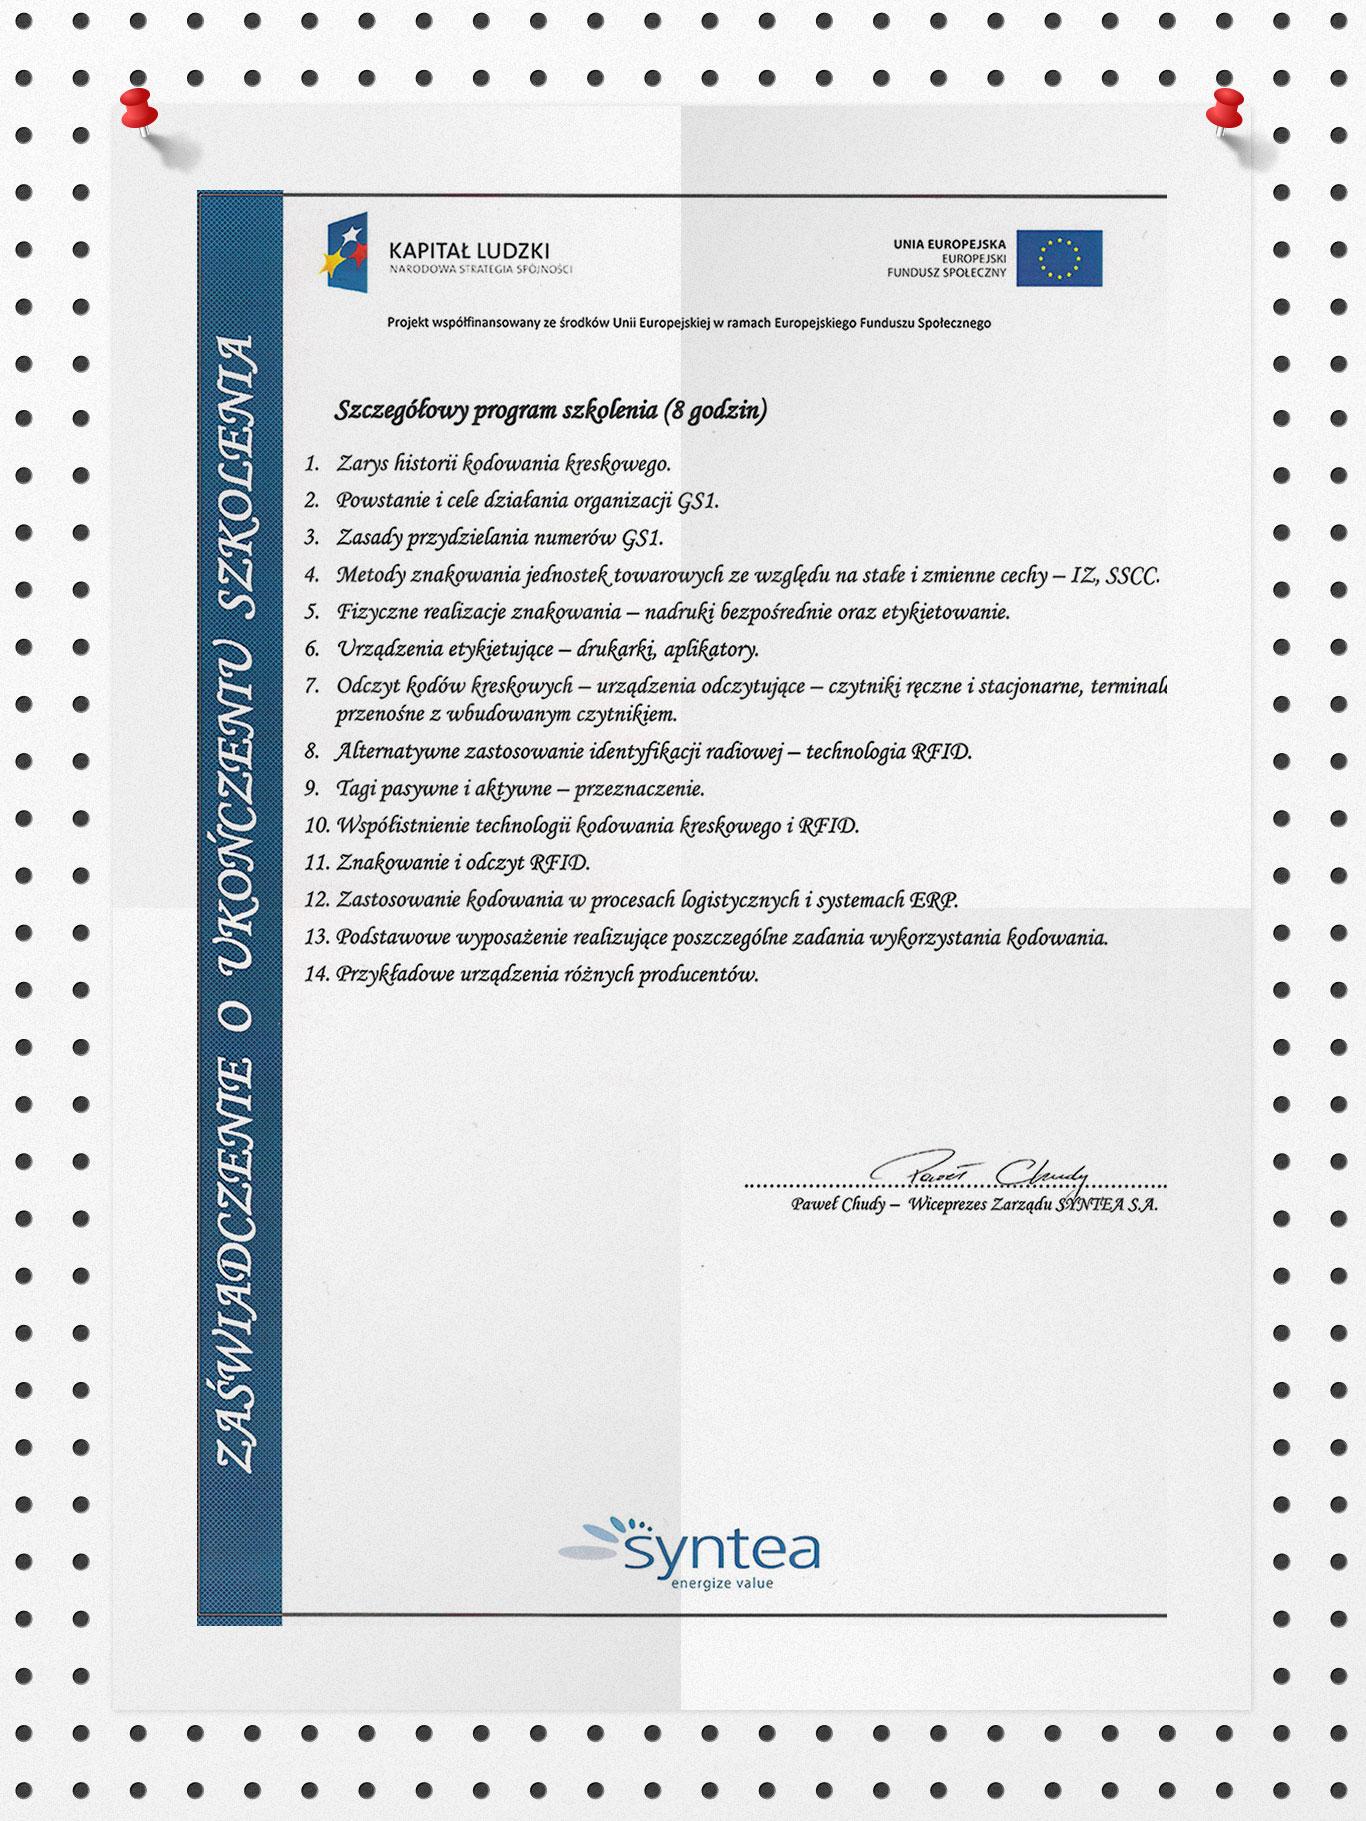 Kody kreskowe w firmie - zastosowanie w biznesie - 17.04.2013 str. 2